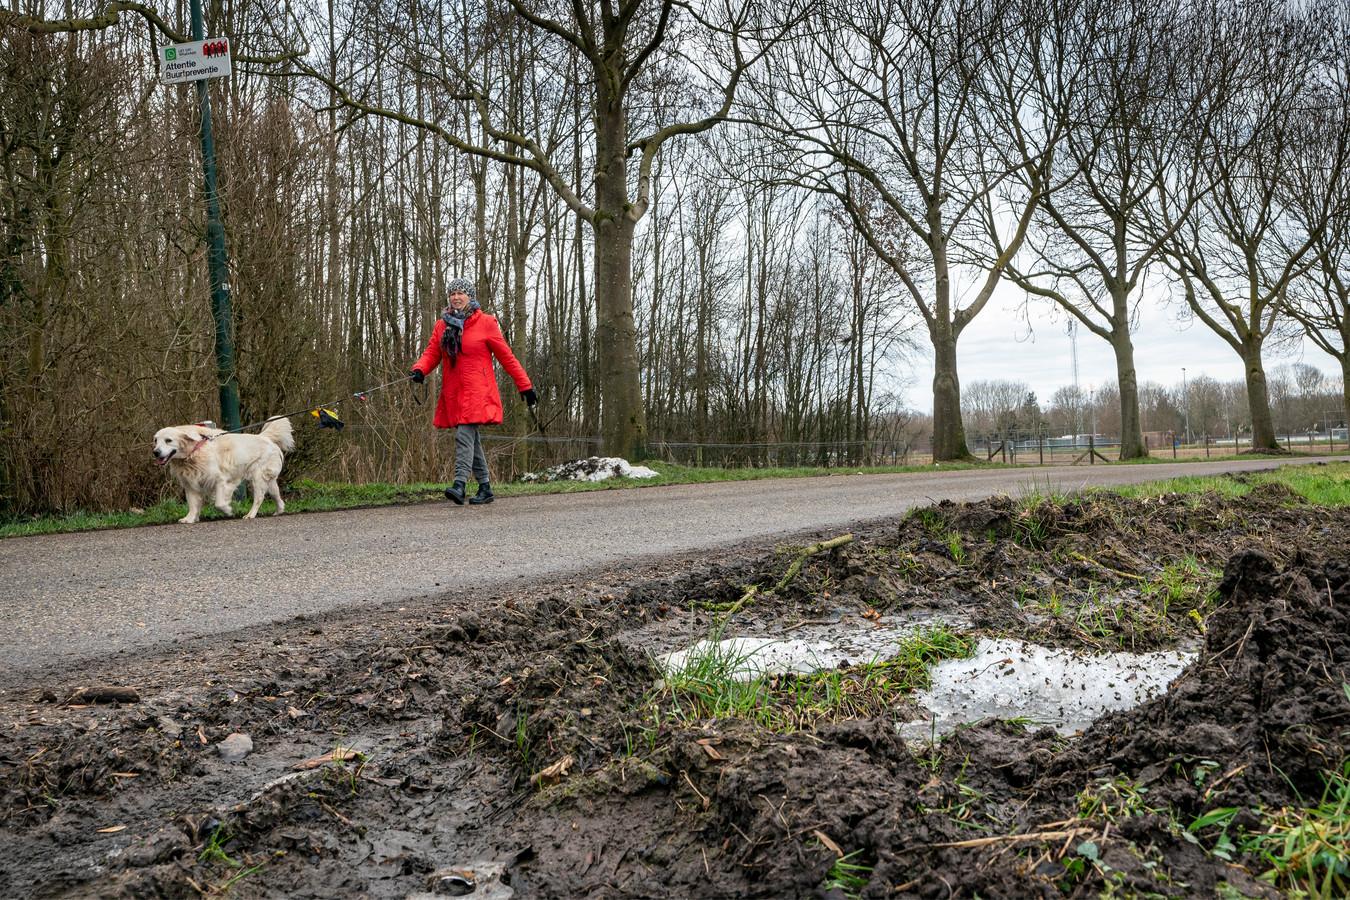 Op de vrij smalle Oosters wordt volgens buurtbewoners veel te hard gereden. Dat leidt samen met de natte en modderige bermen tot gevaarlijke situaties voor wandelaars.